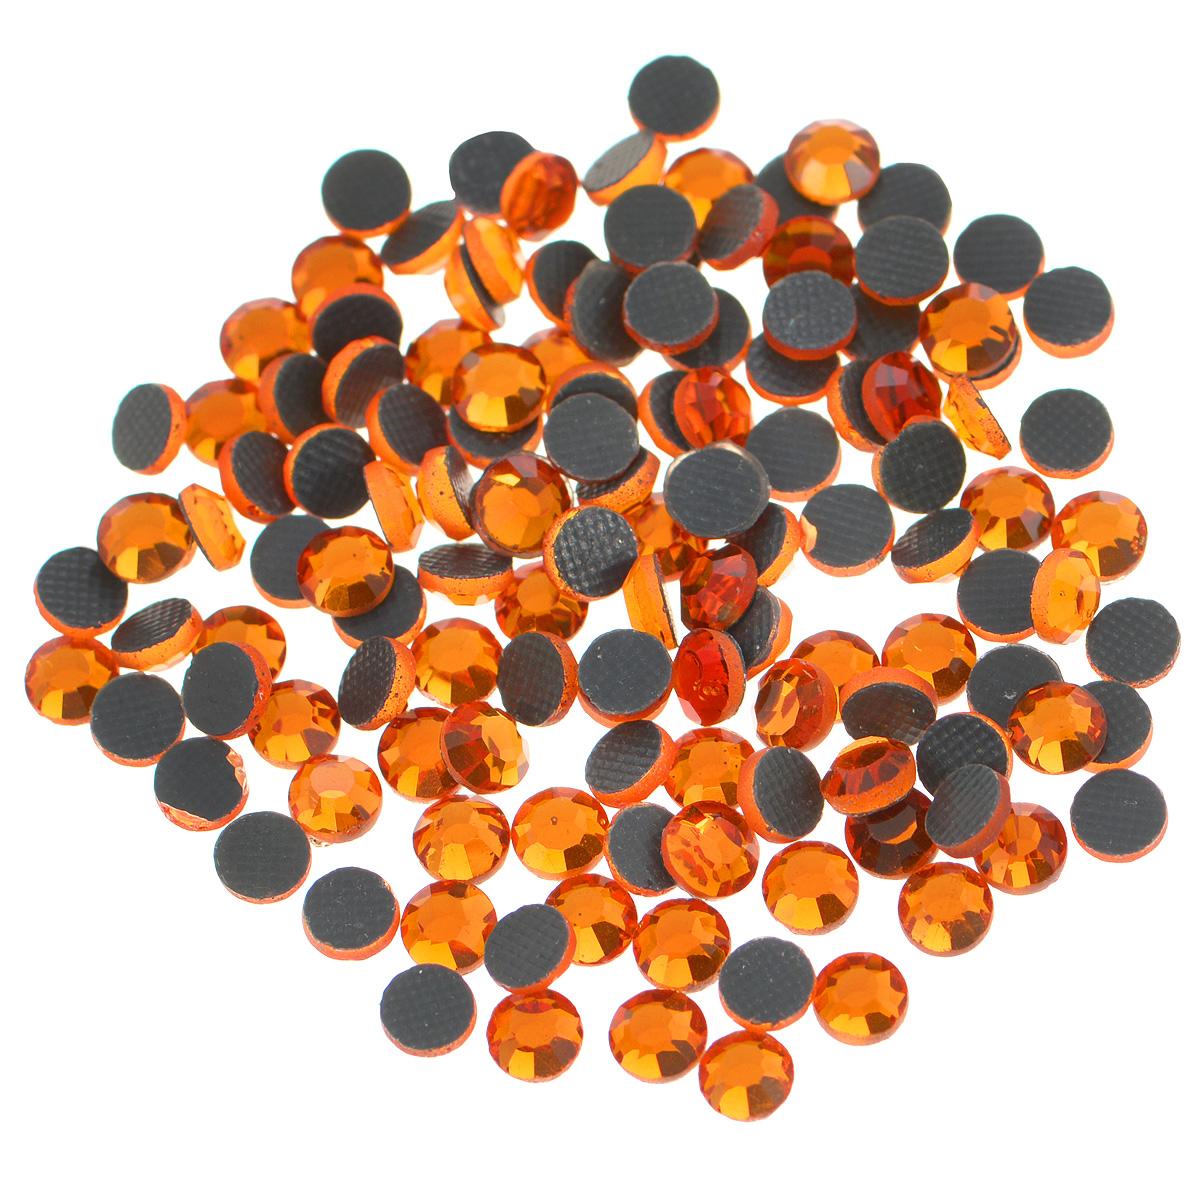 Стразы термоклеевые Cristal, цвет: гранатовый (248), диаметр 4 мм, 144 шт7706831_248Набор термоклеевых страз Cristal, изготовленный из высококачественного акрила, позволит вам украсить одежду, аксессуары или текстиль. Яркие стразы имеют плоское дно и круглую поверхность с гранями. Дно термоклеевых страз уже обработано особым клеем, который под воздействием высоких температур начинает плавиться, приклеиваясь, таким образом, к требуемой поверхности. Чаще всего их используют в текстильной промышленности: стразы прикладывают к ткани и проглаживают утюгом с обратной стороны. Также можно использовать специальный паяльник. Украшение стразами поможет сделать любую вещь оригинальной и неповторимой. Диаметр стразы: 4 мм.